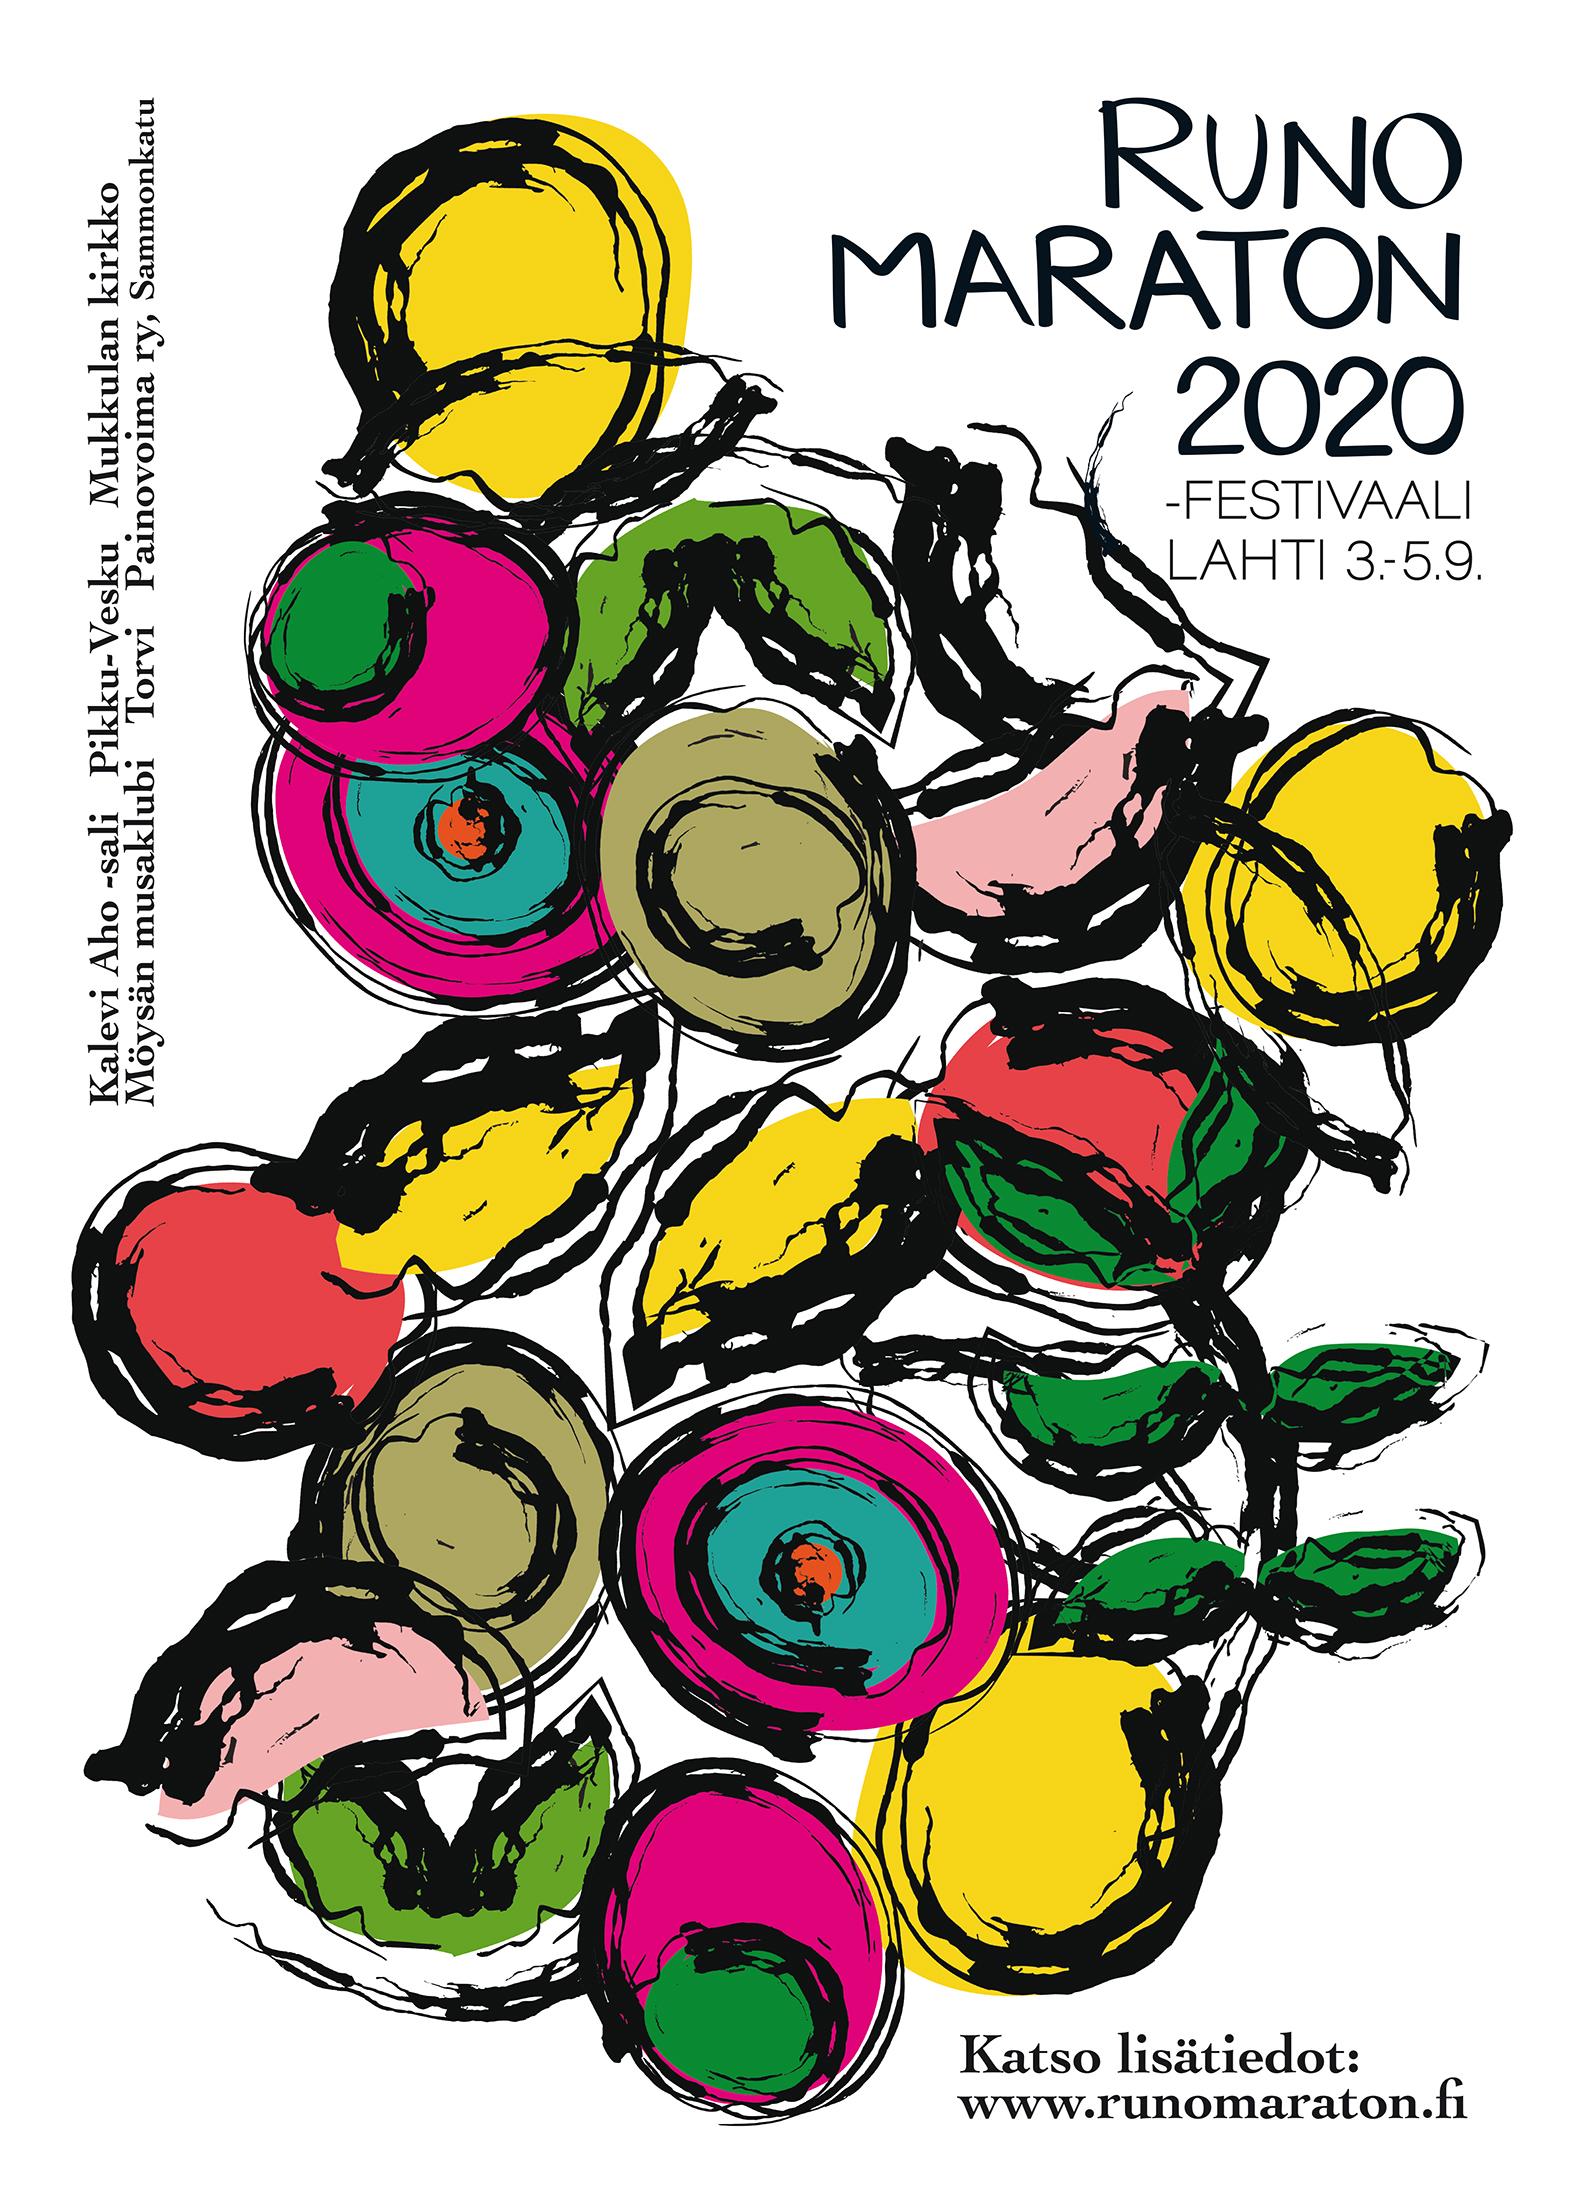 Runomaraton 2020 tapahtumajuliste